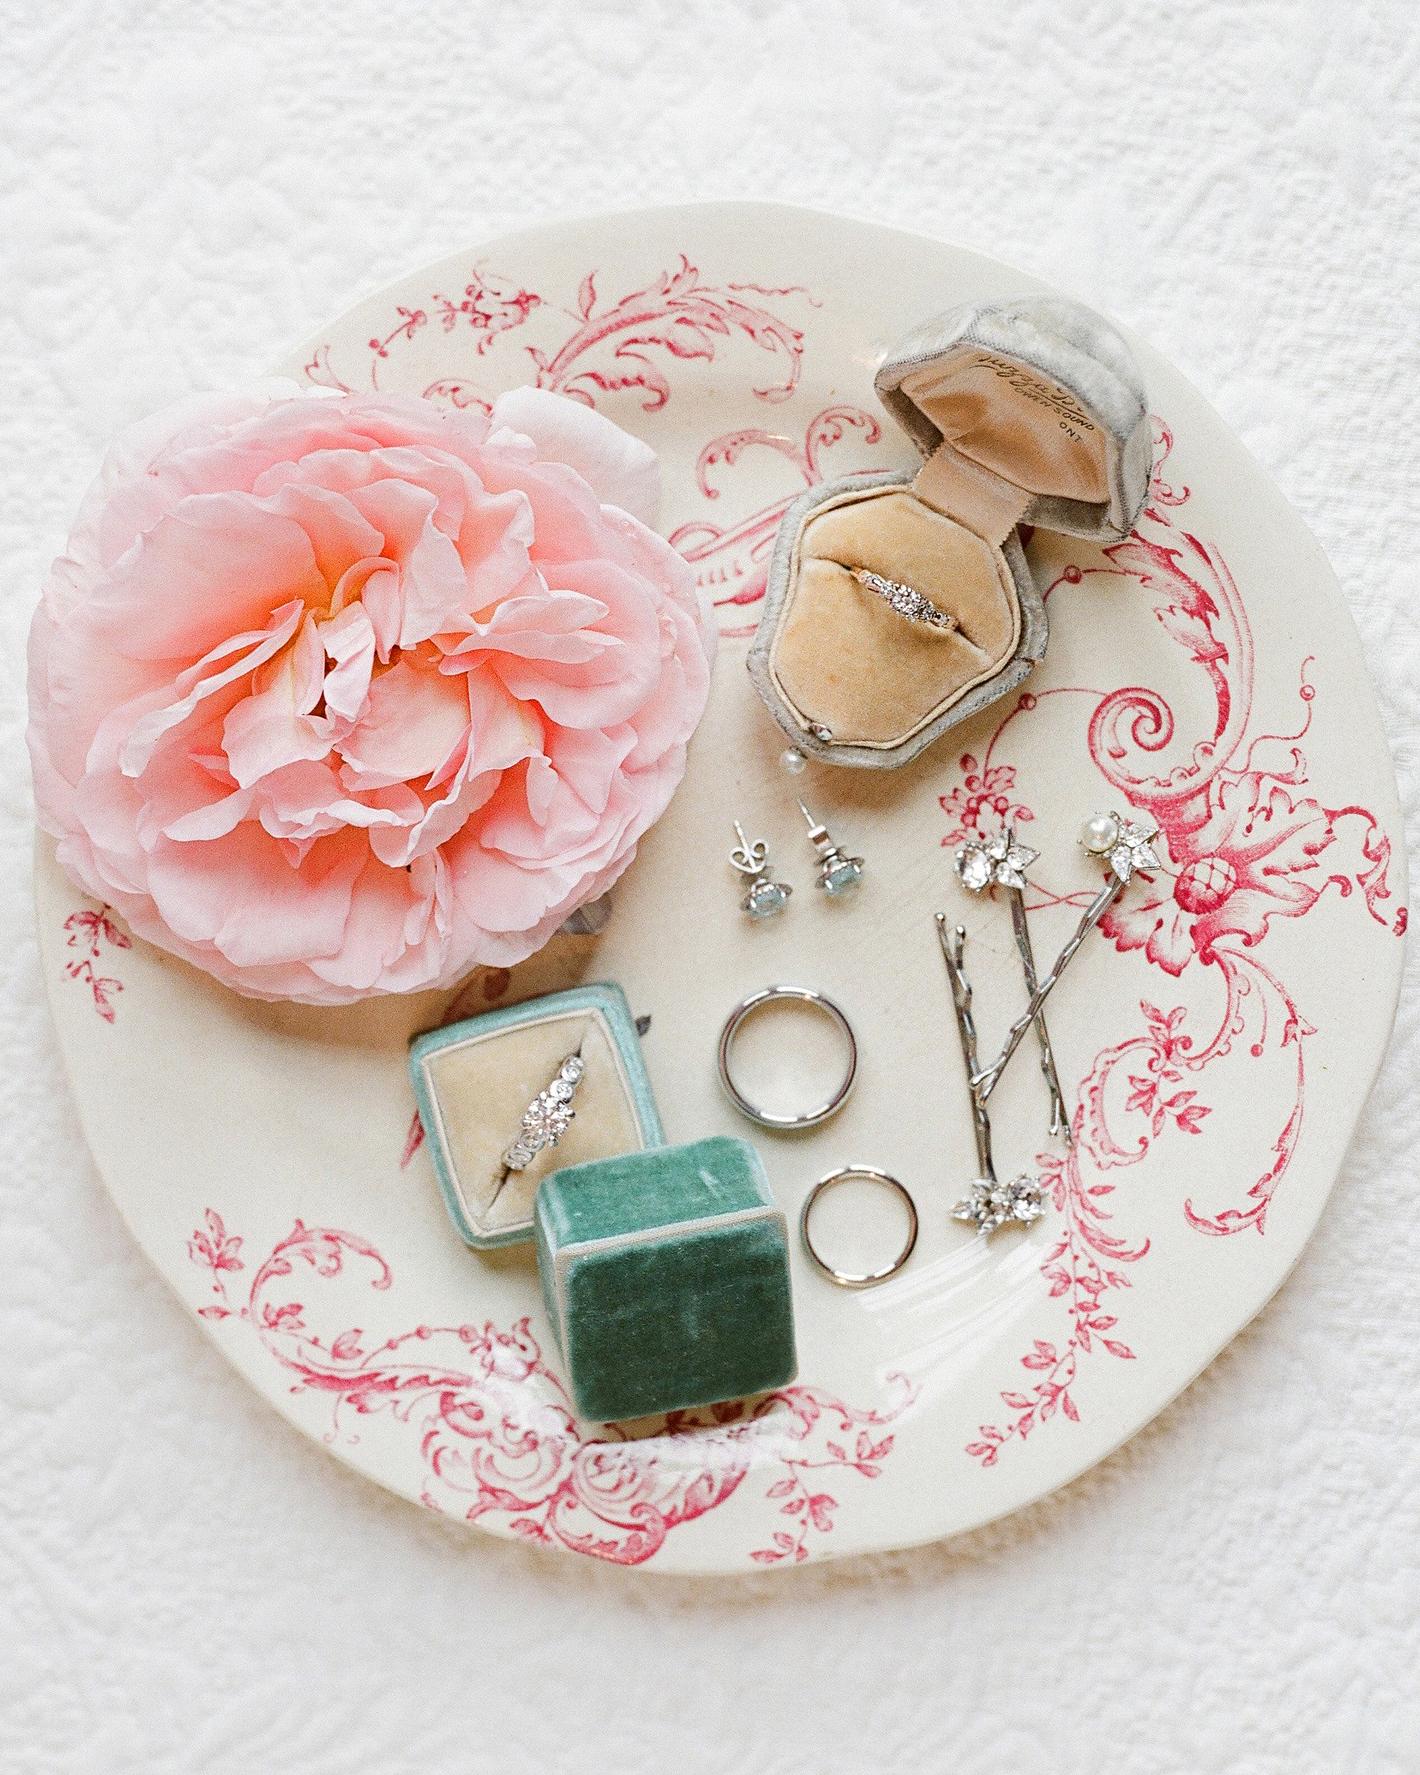 giordana and geoffrey jewelry